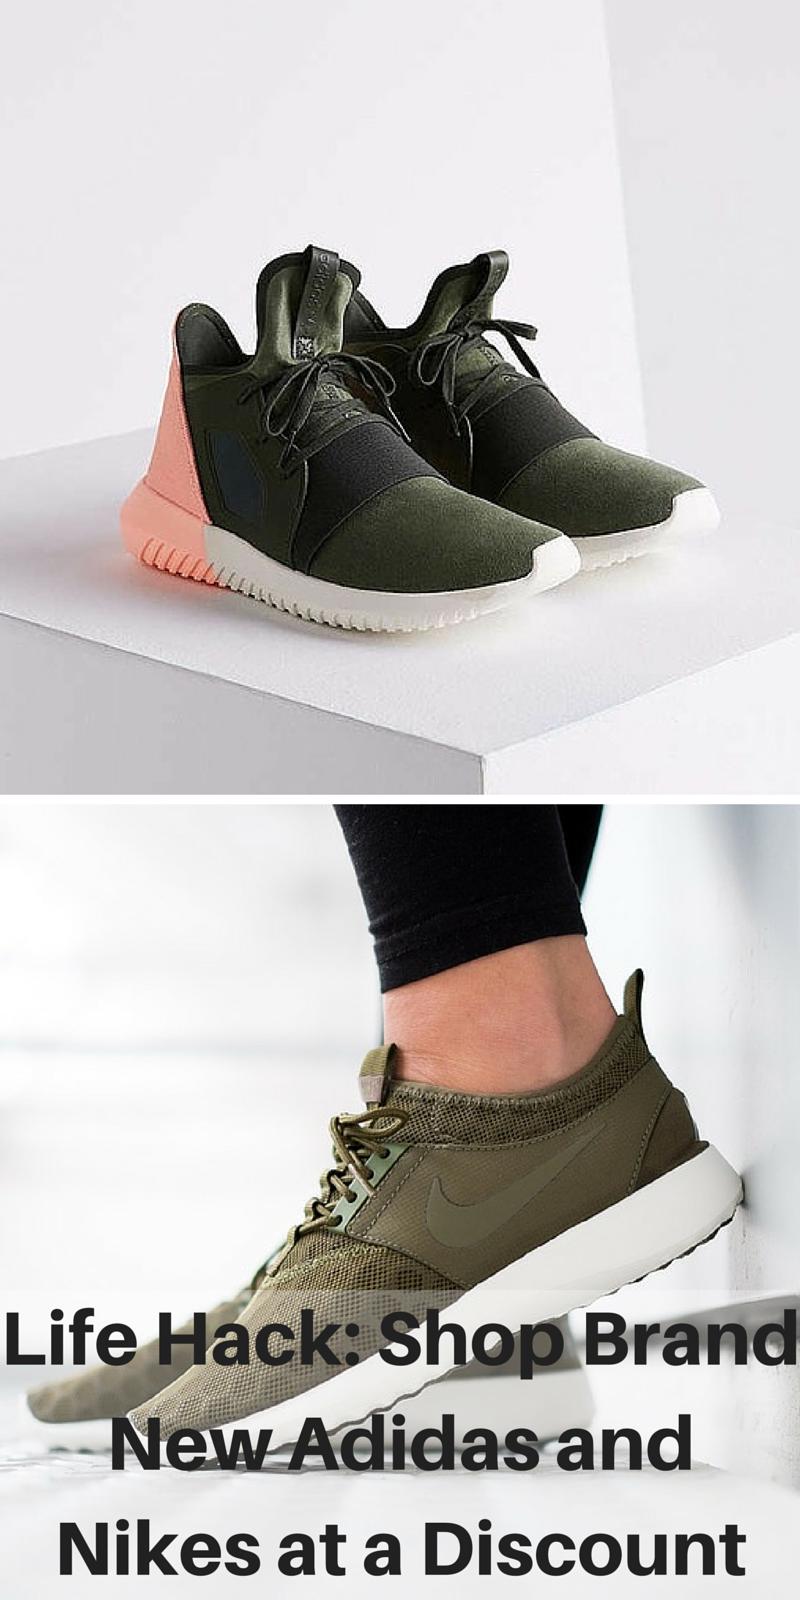 nike e adidas vendita adessoil negozio di scarpe nuove di zecca da cima